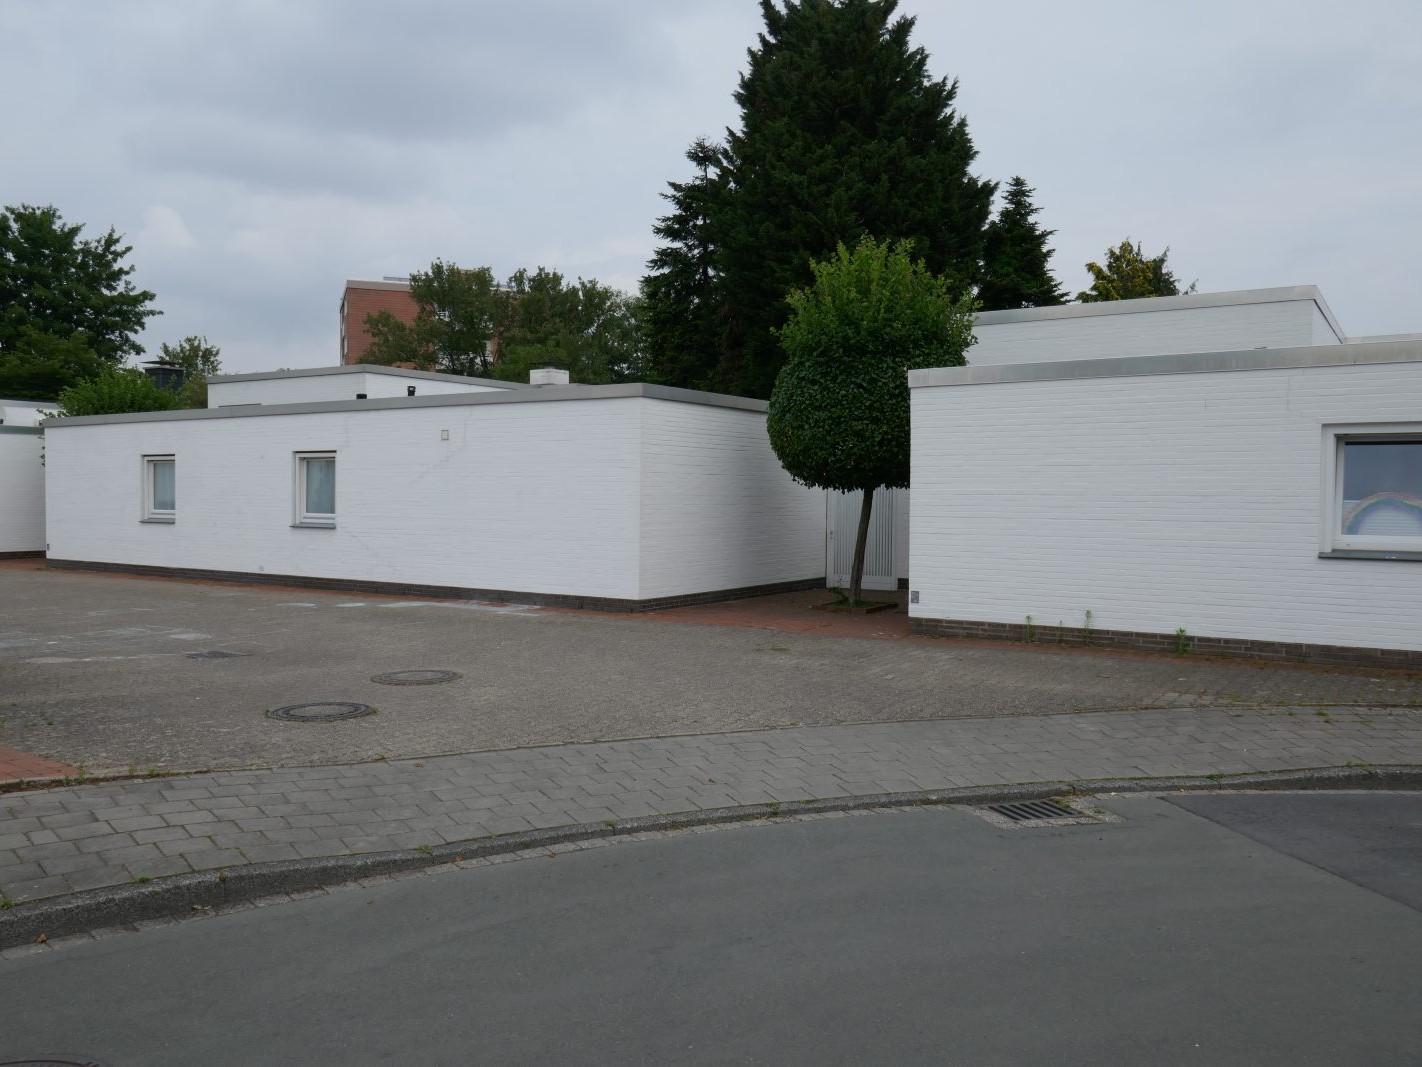 Münster vor Ort: Coerde - Wohnsiedlung Görlitzer Straße - Foto: Stefan Rethfeld